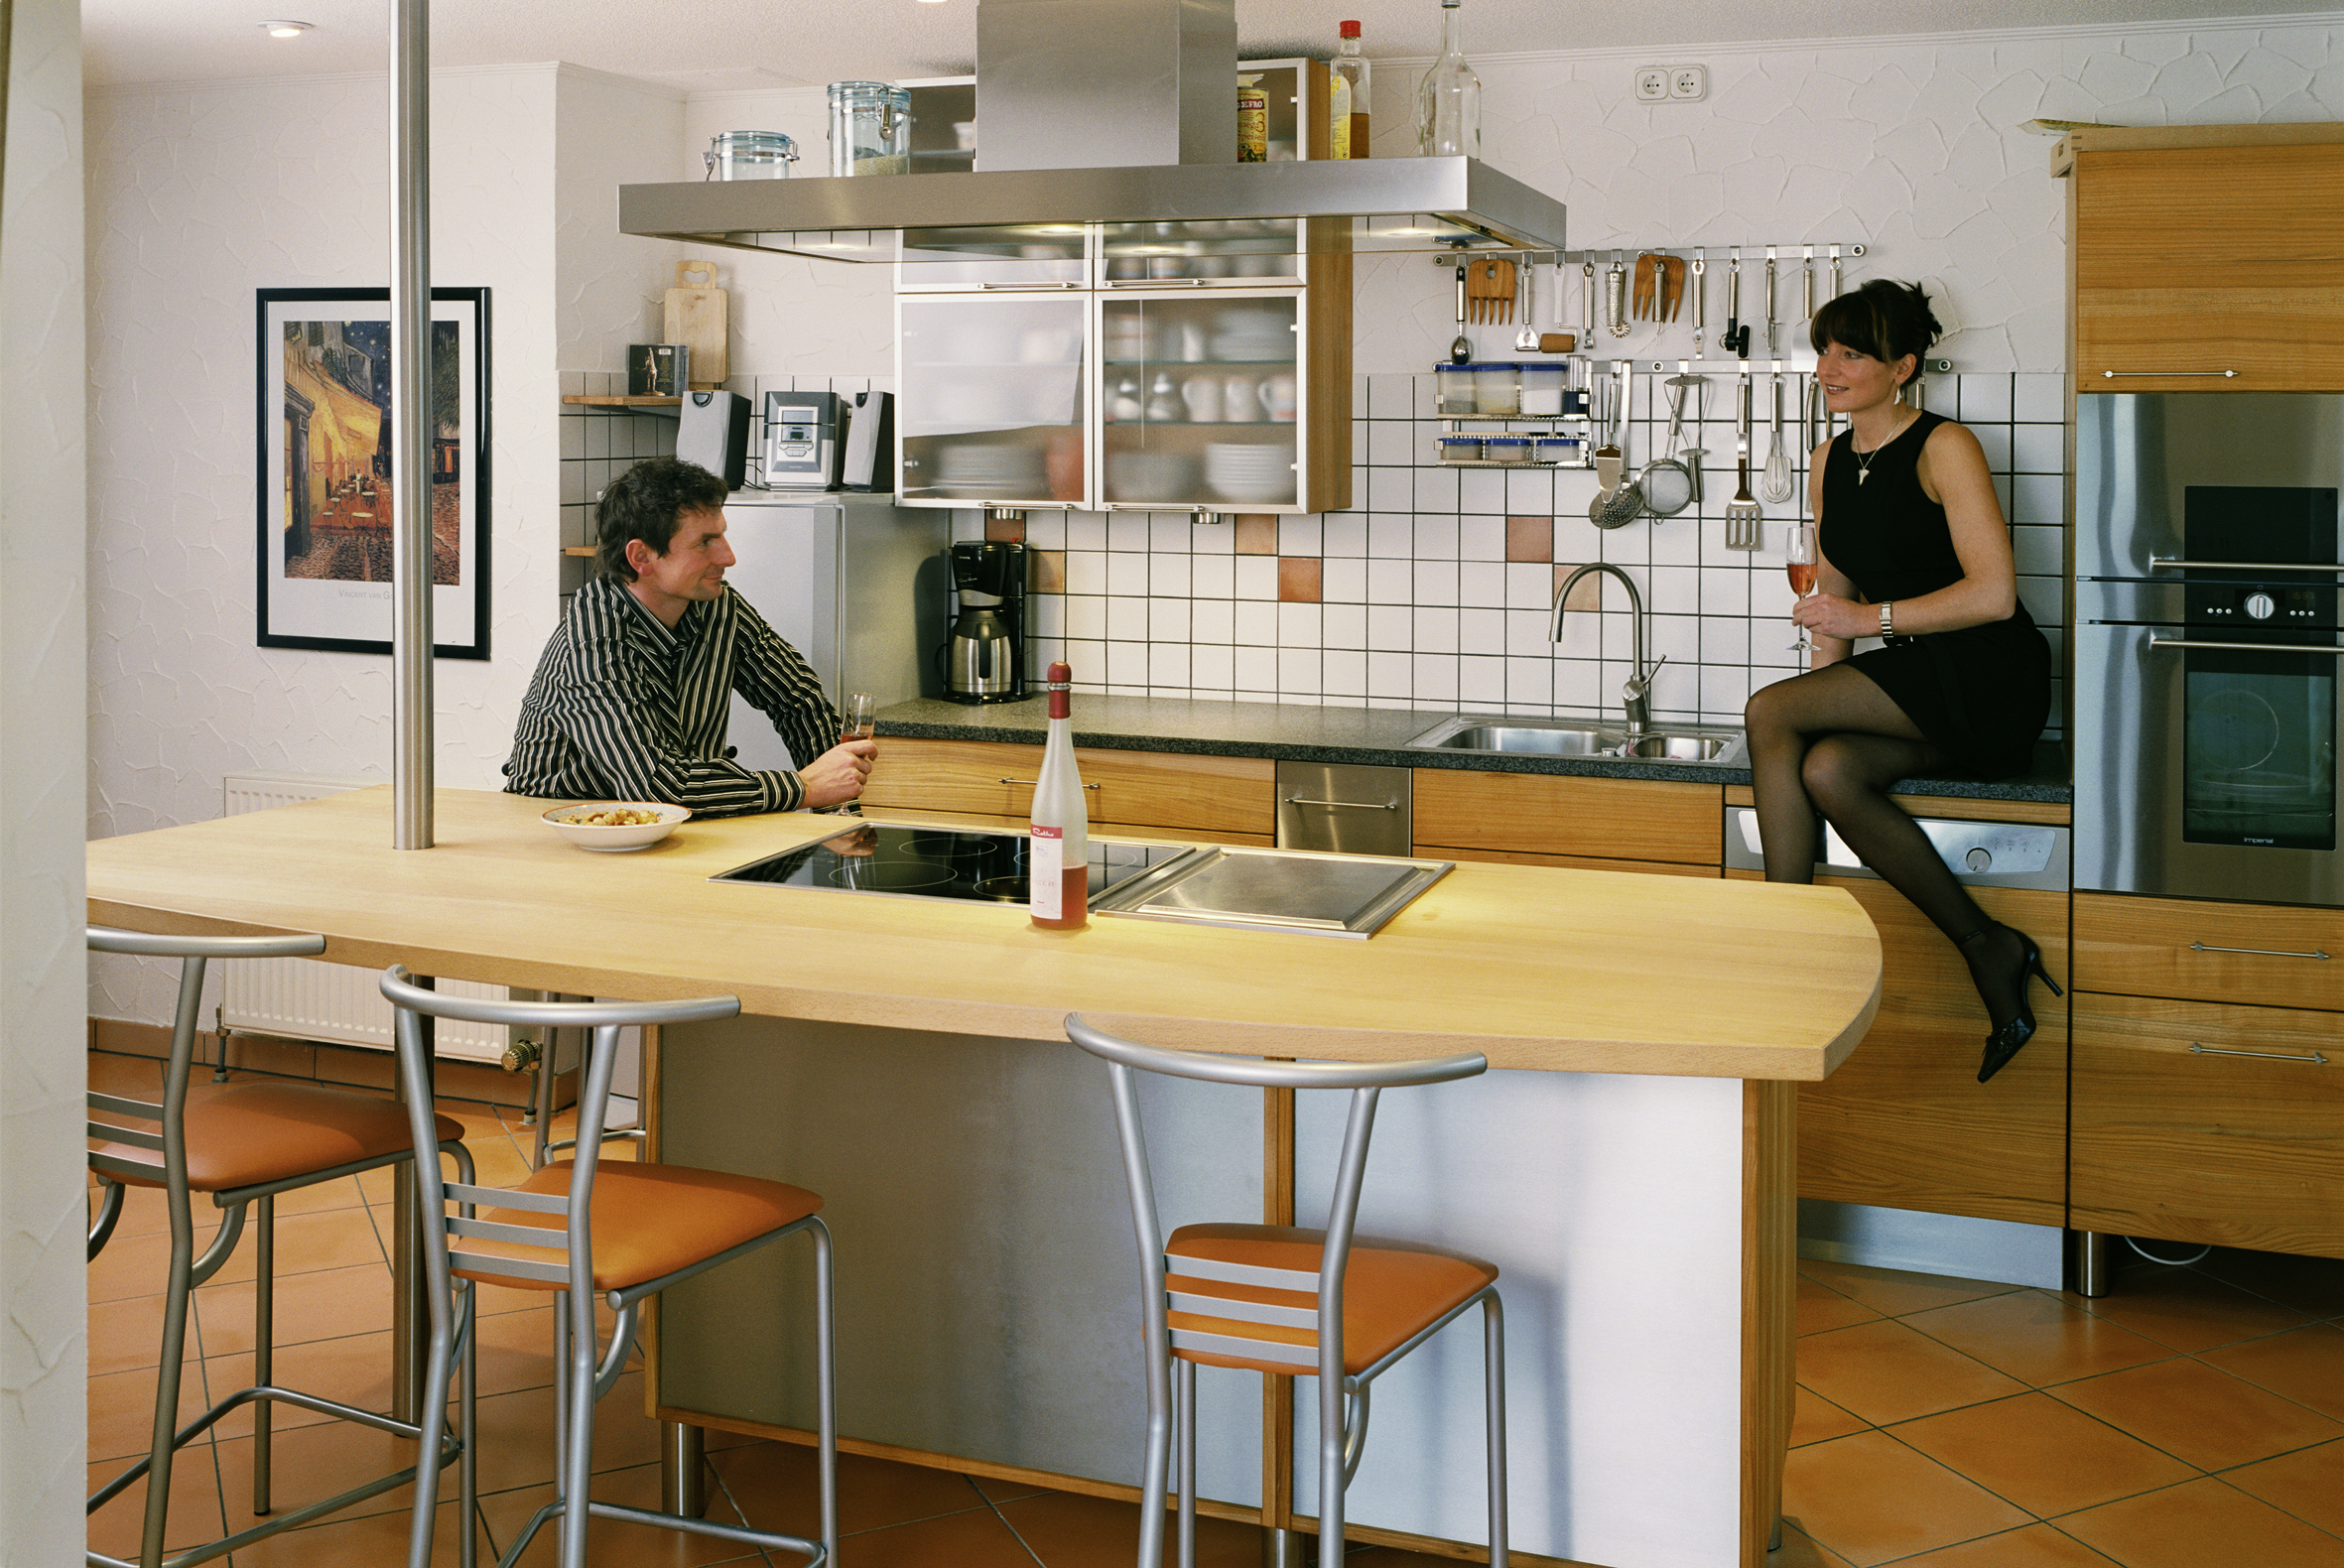 die k che zum kochen archive das nachhaltigkeitsblog der. Black Bedroom Furniture Sets. Home Design Ideas